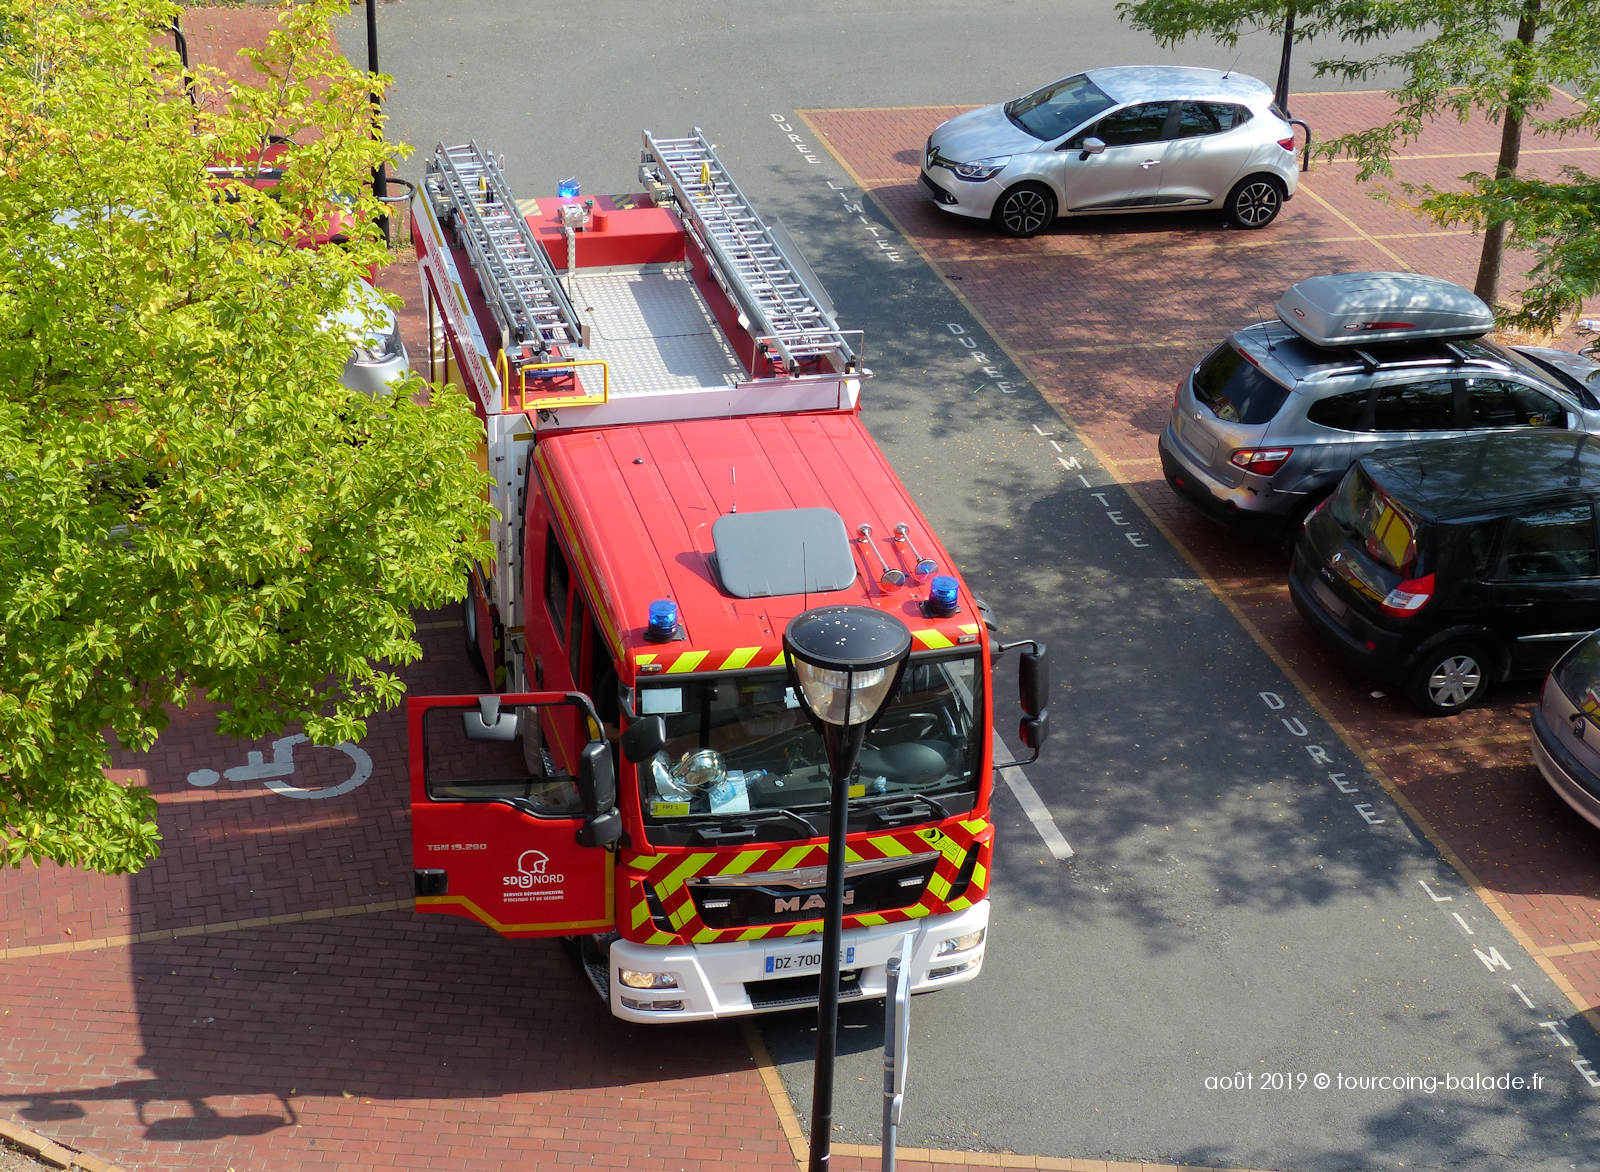 Camion de Pompiers - Complexe Sportif Lagrange, Tourcoing